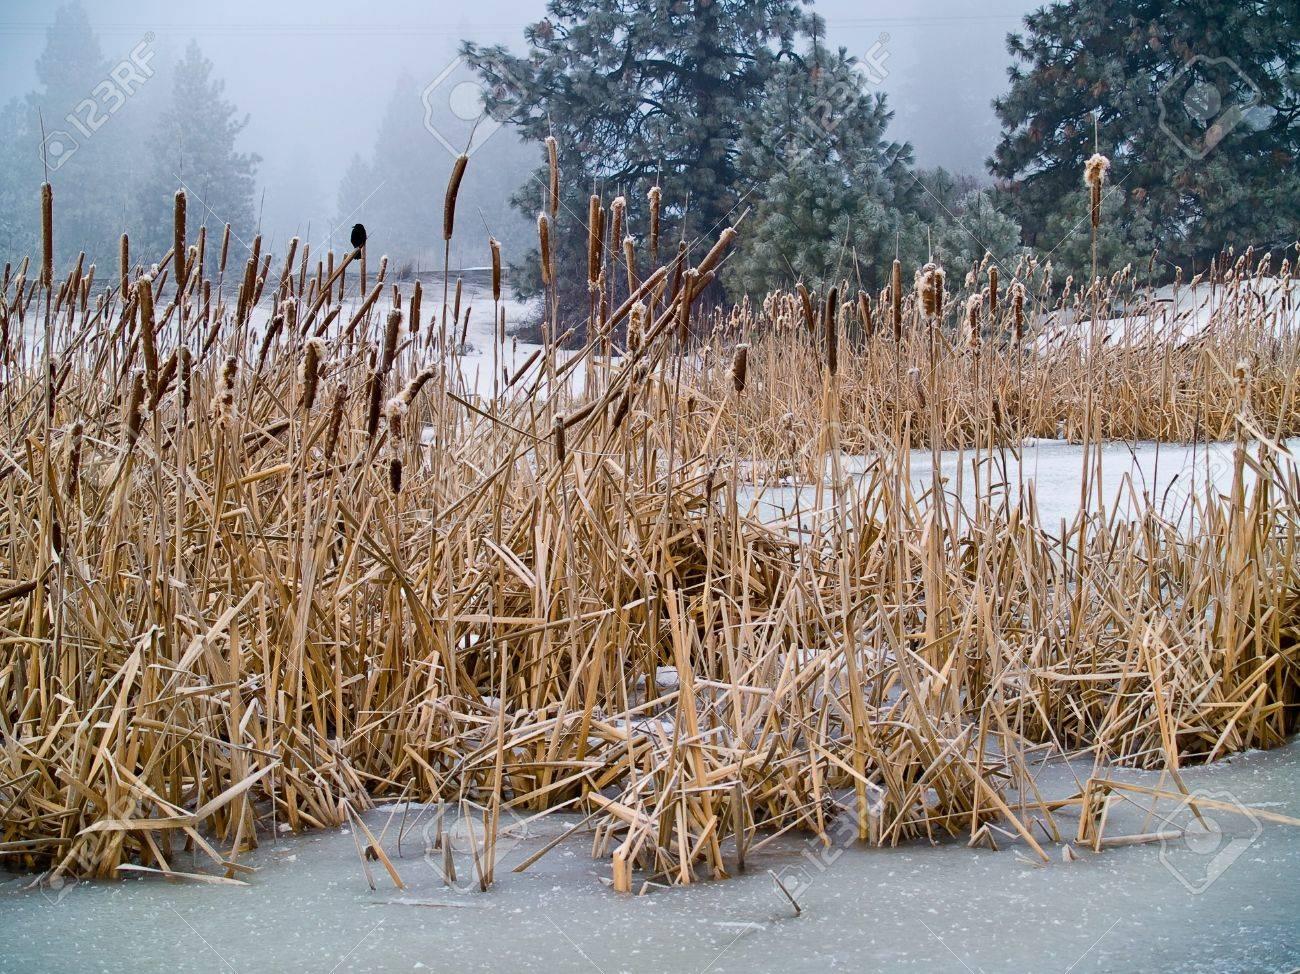 Frozen Marsh Area on an Overcast Day Stock Photo - 8275100